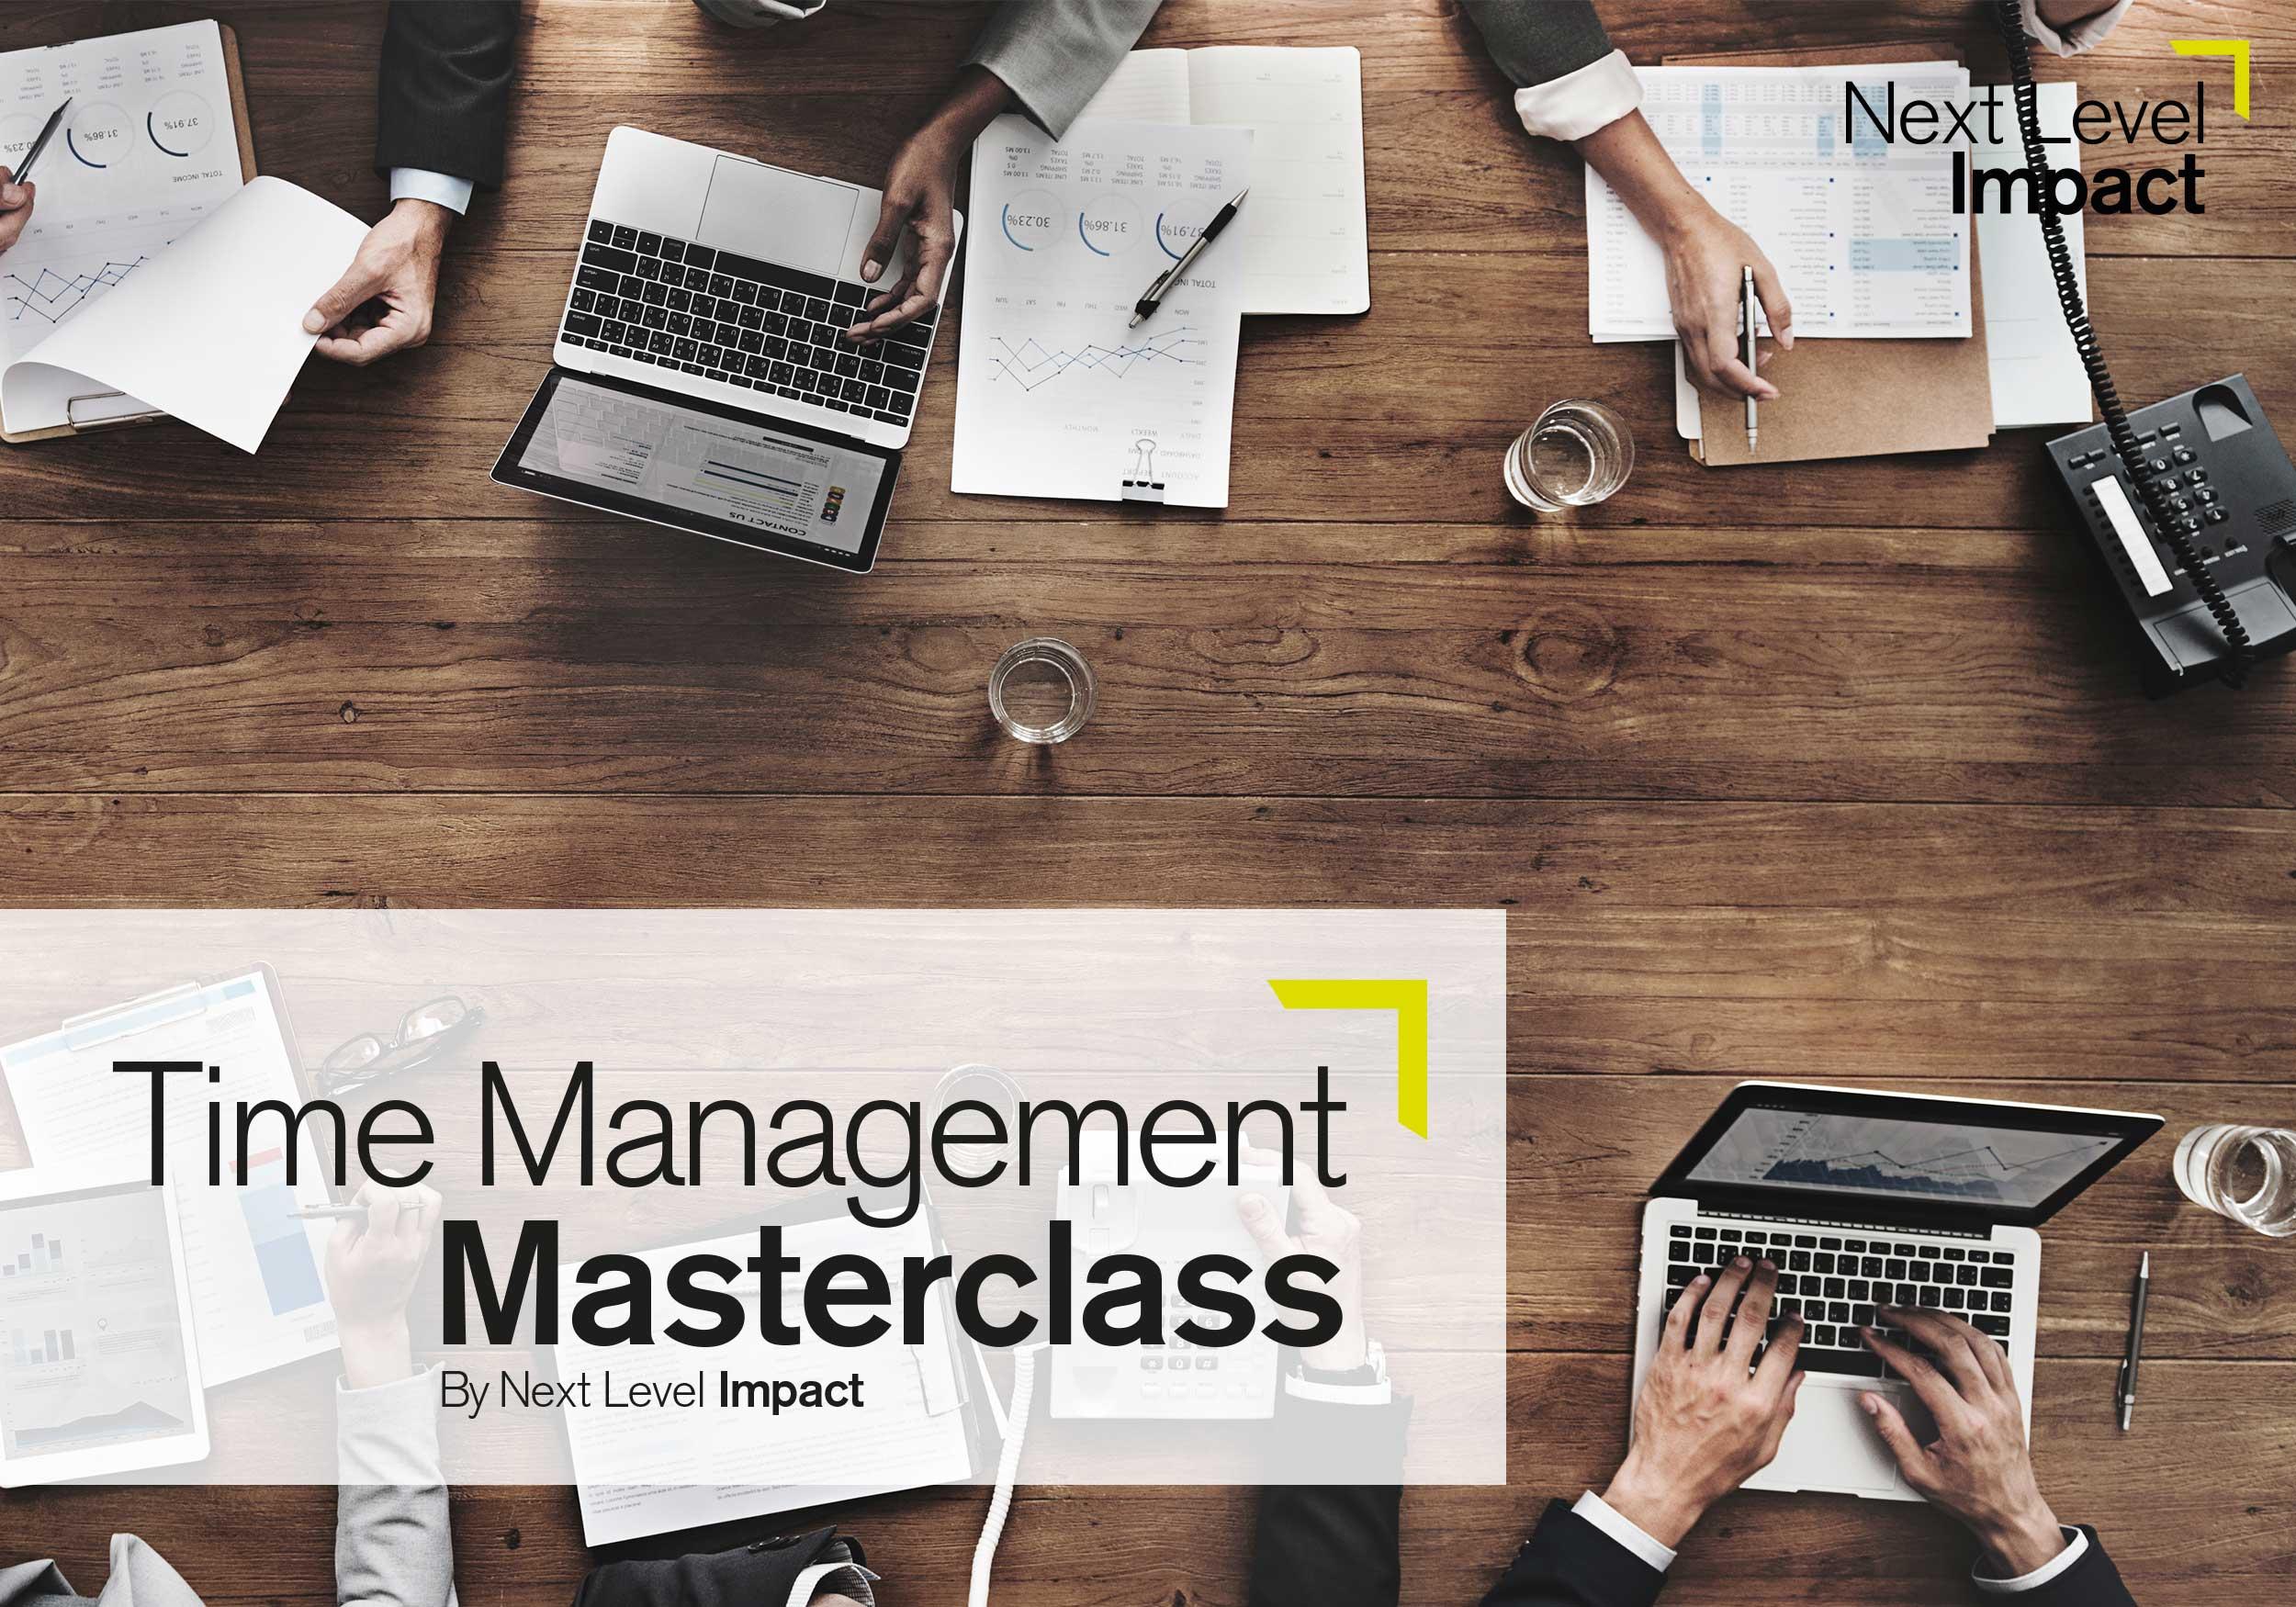 16605J-Time-Management-Masterclass-Banner-green.jpg